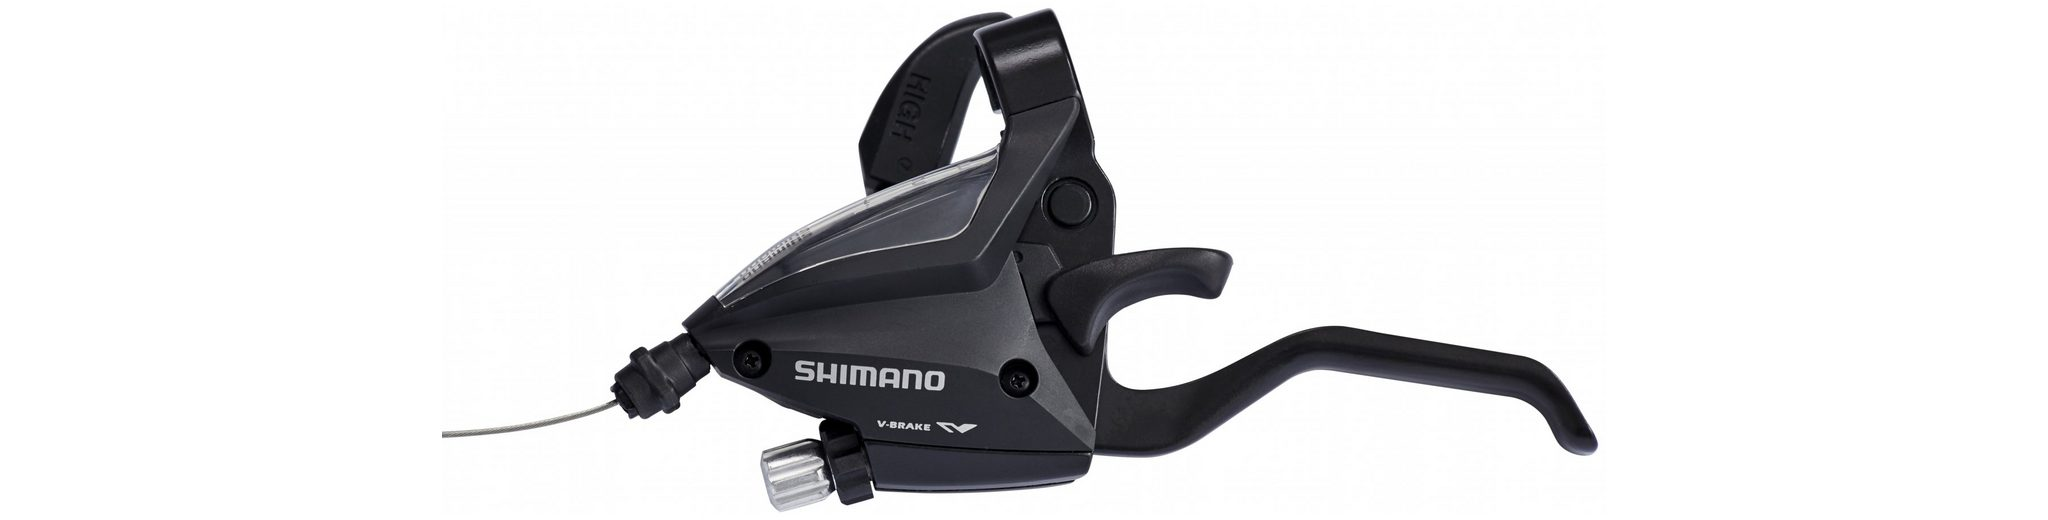 Shimano Schaltung »ST-EF500-2 Schalt-/Bremshebel VR 3-fach«